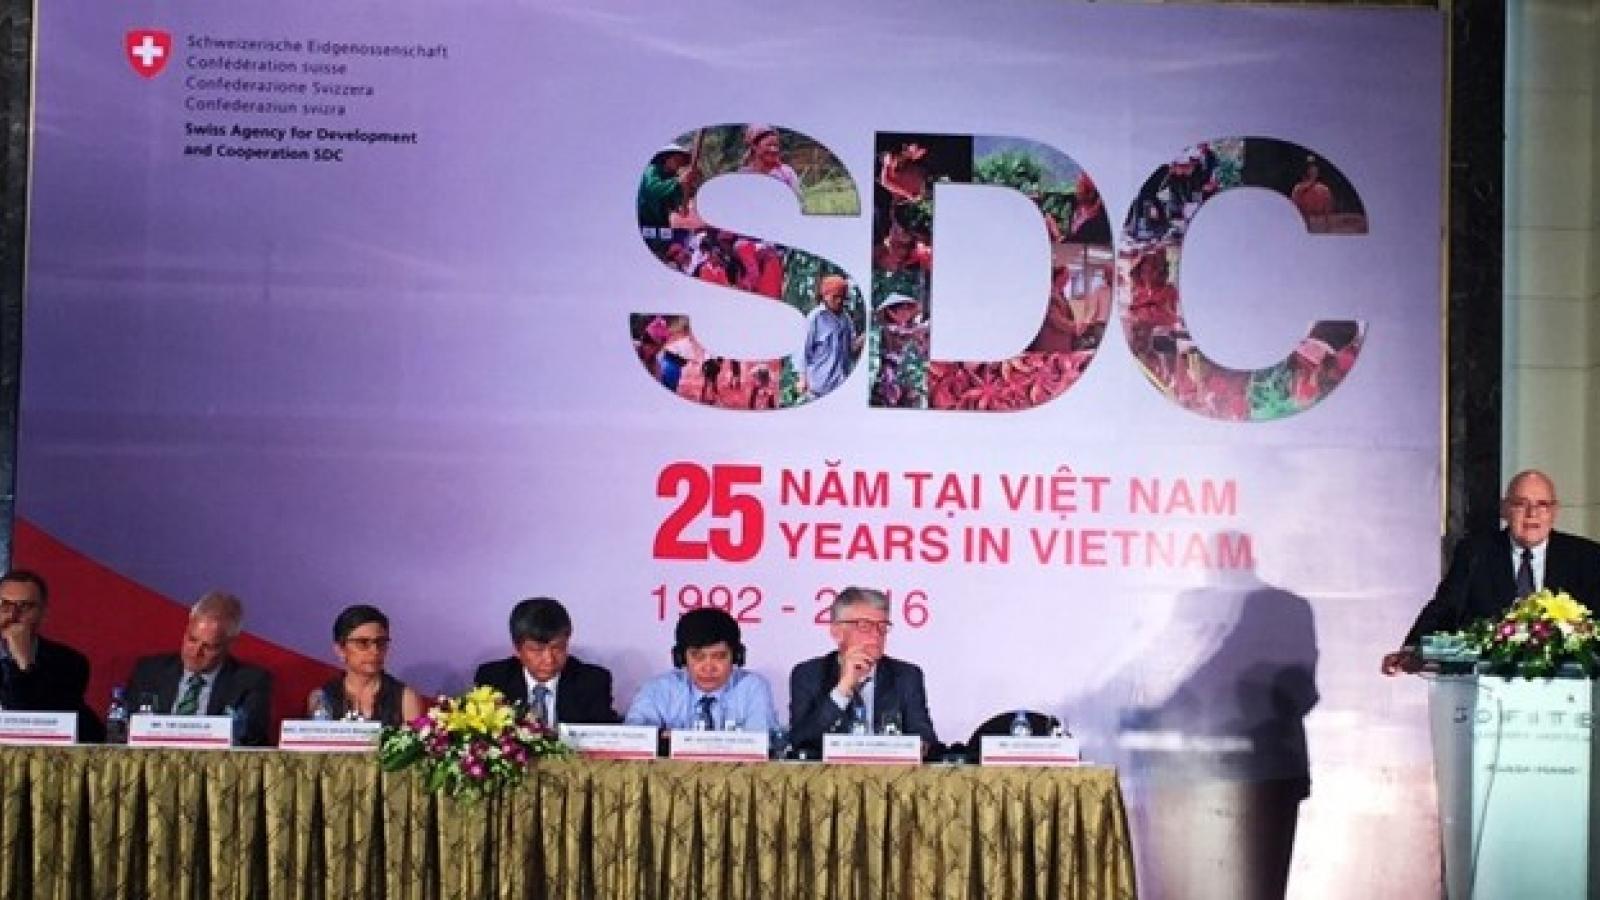 Switzerland helps Vietnam develop economy sustainably